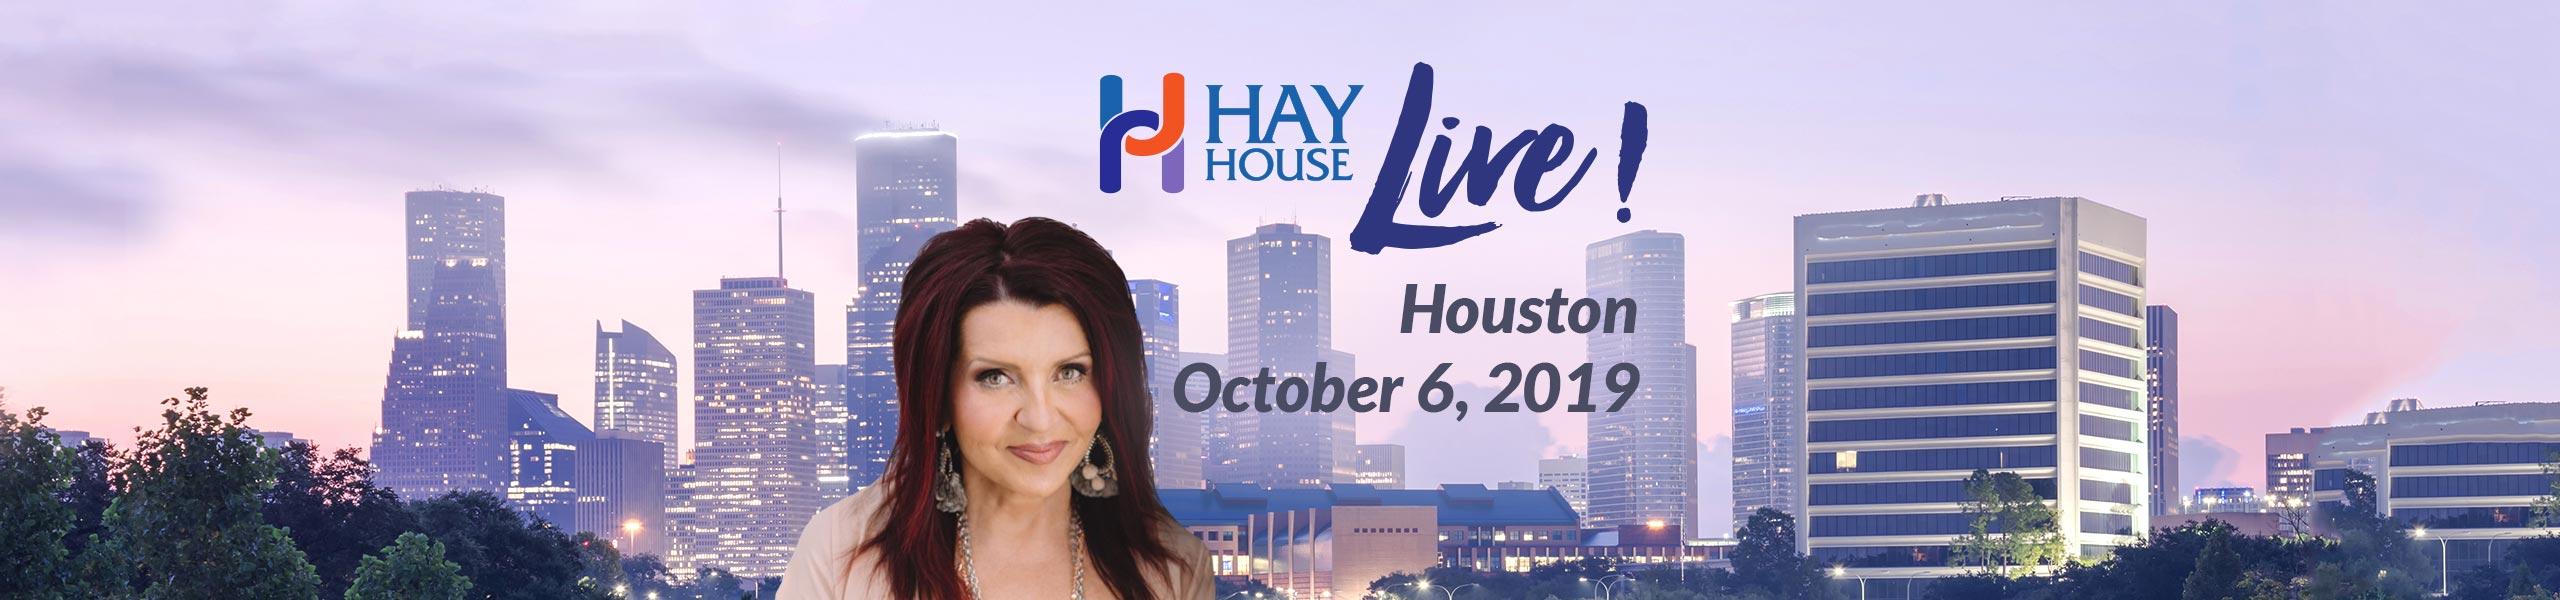 Hay House Live! Houston 2019 - Colette Baron-Reid